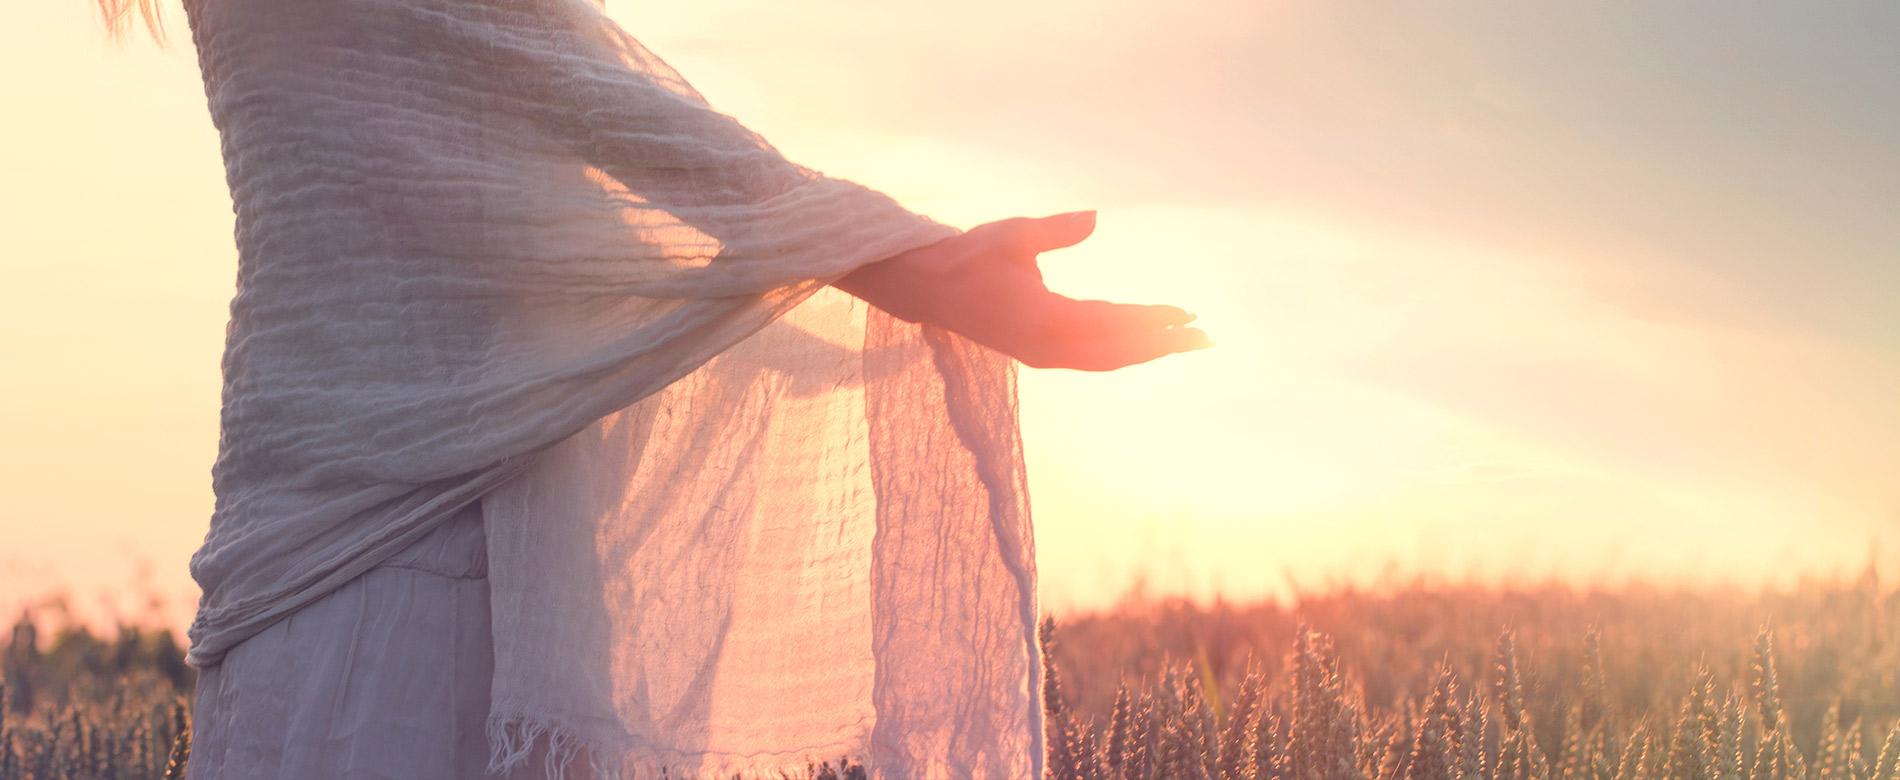 172 – ¿Quiénes son lo que preparan la vuelta de Jesús?